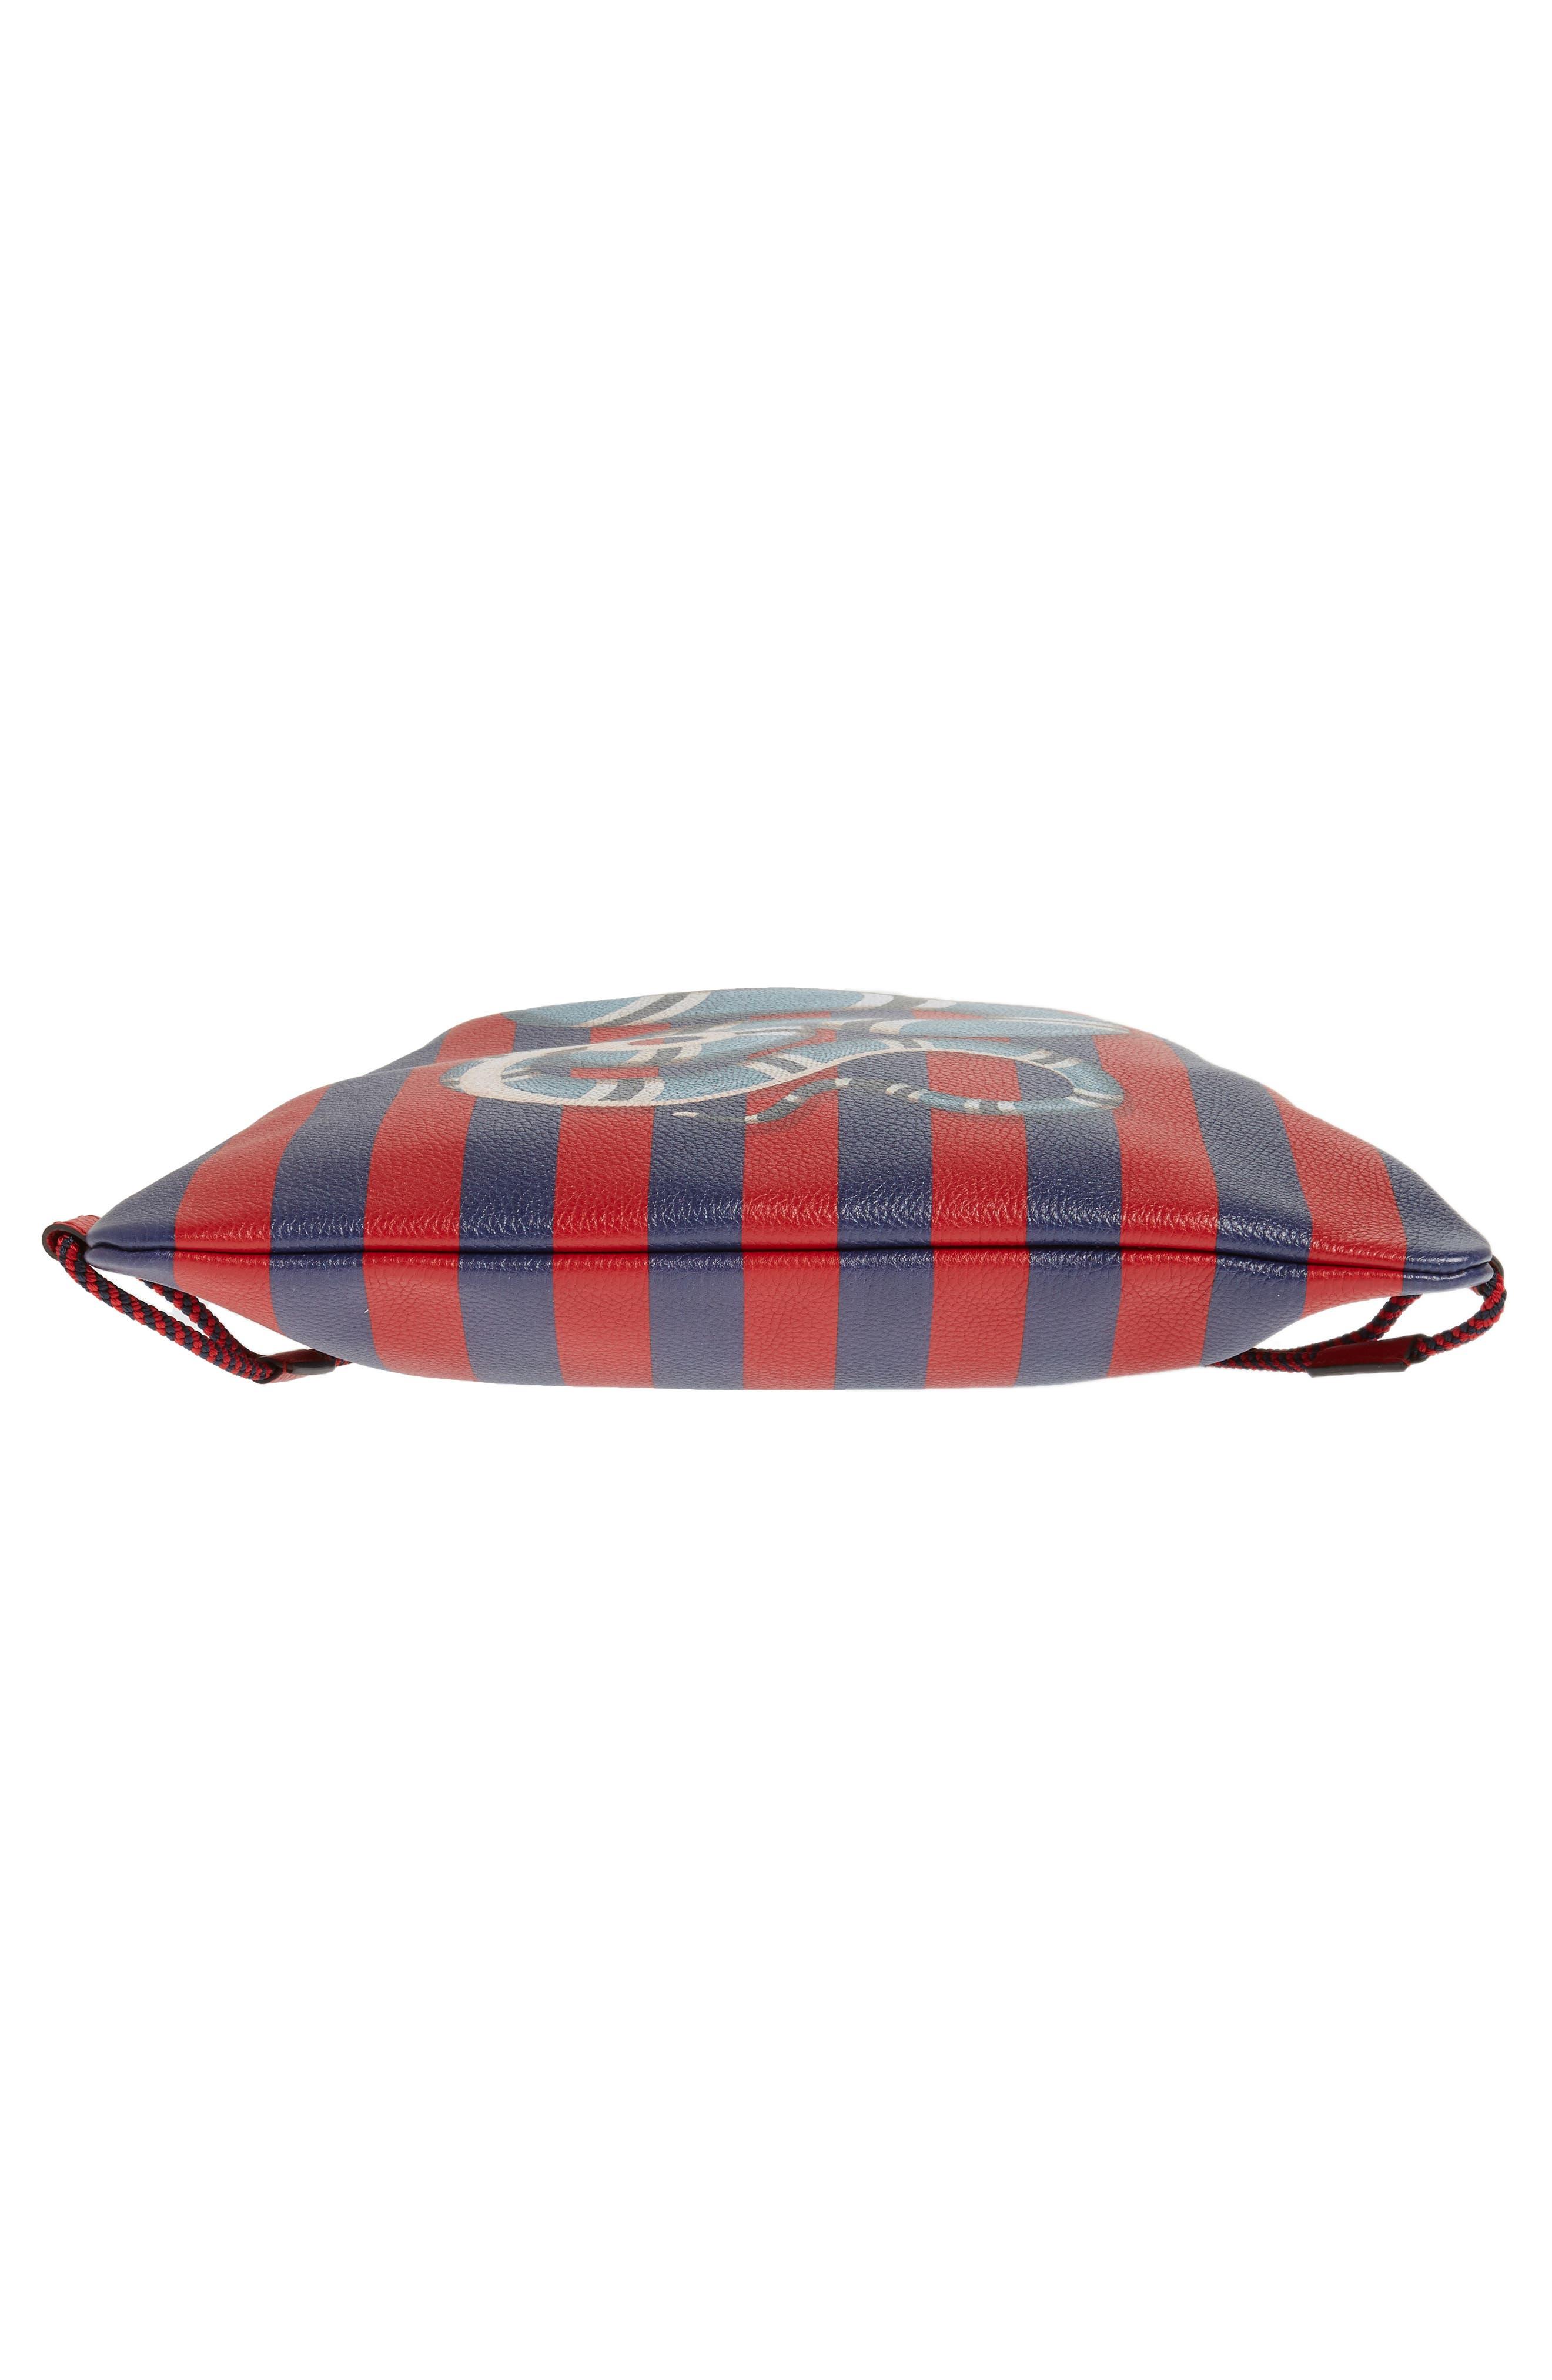 Kingsnake Stripe Leather Drawstring Backpack,                             Alternate thumbnail 6, color,                             RED